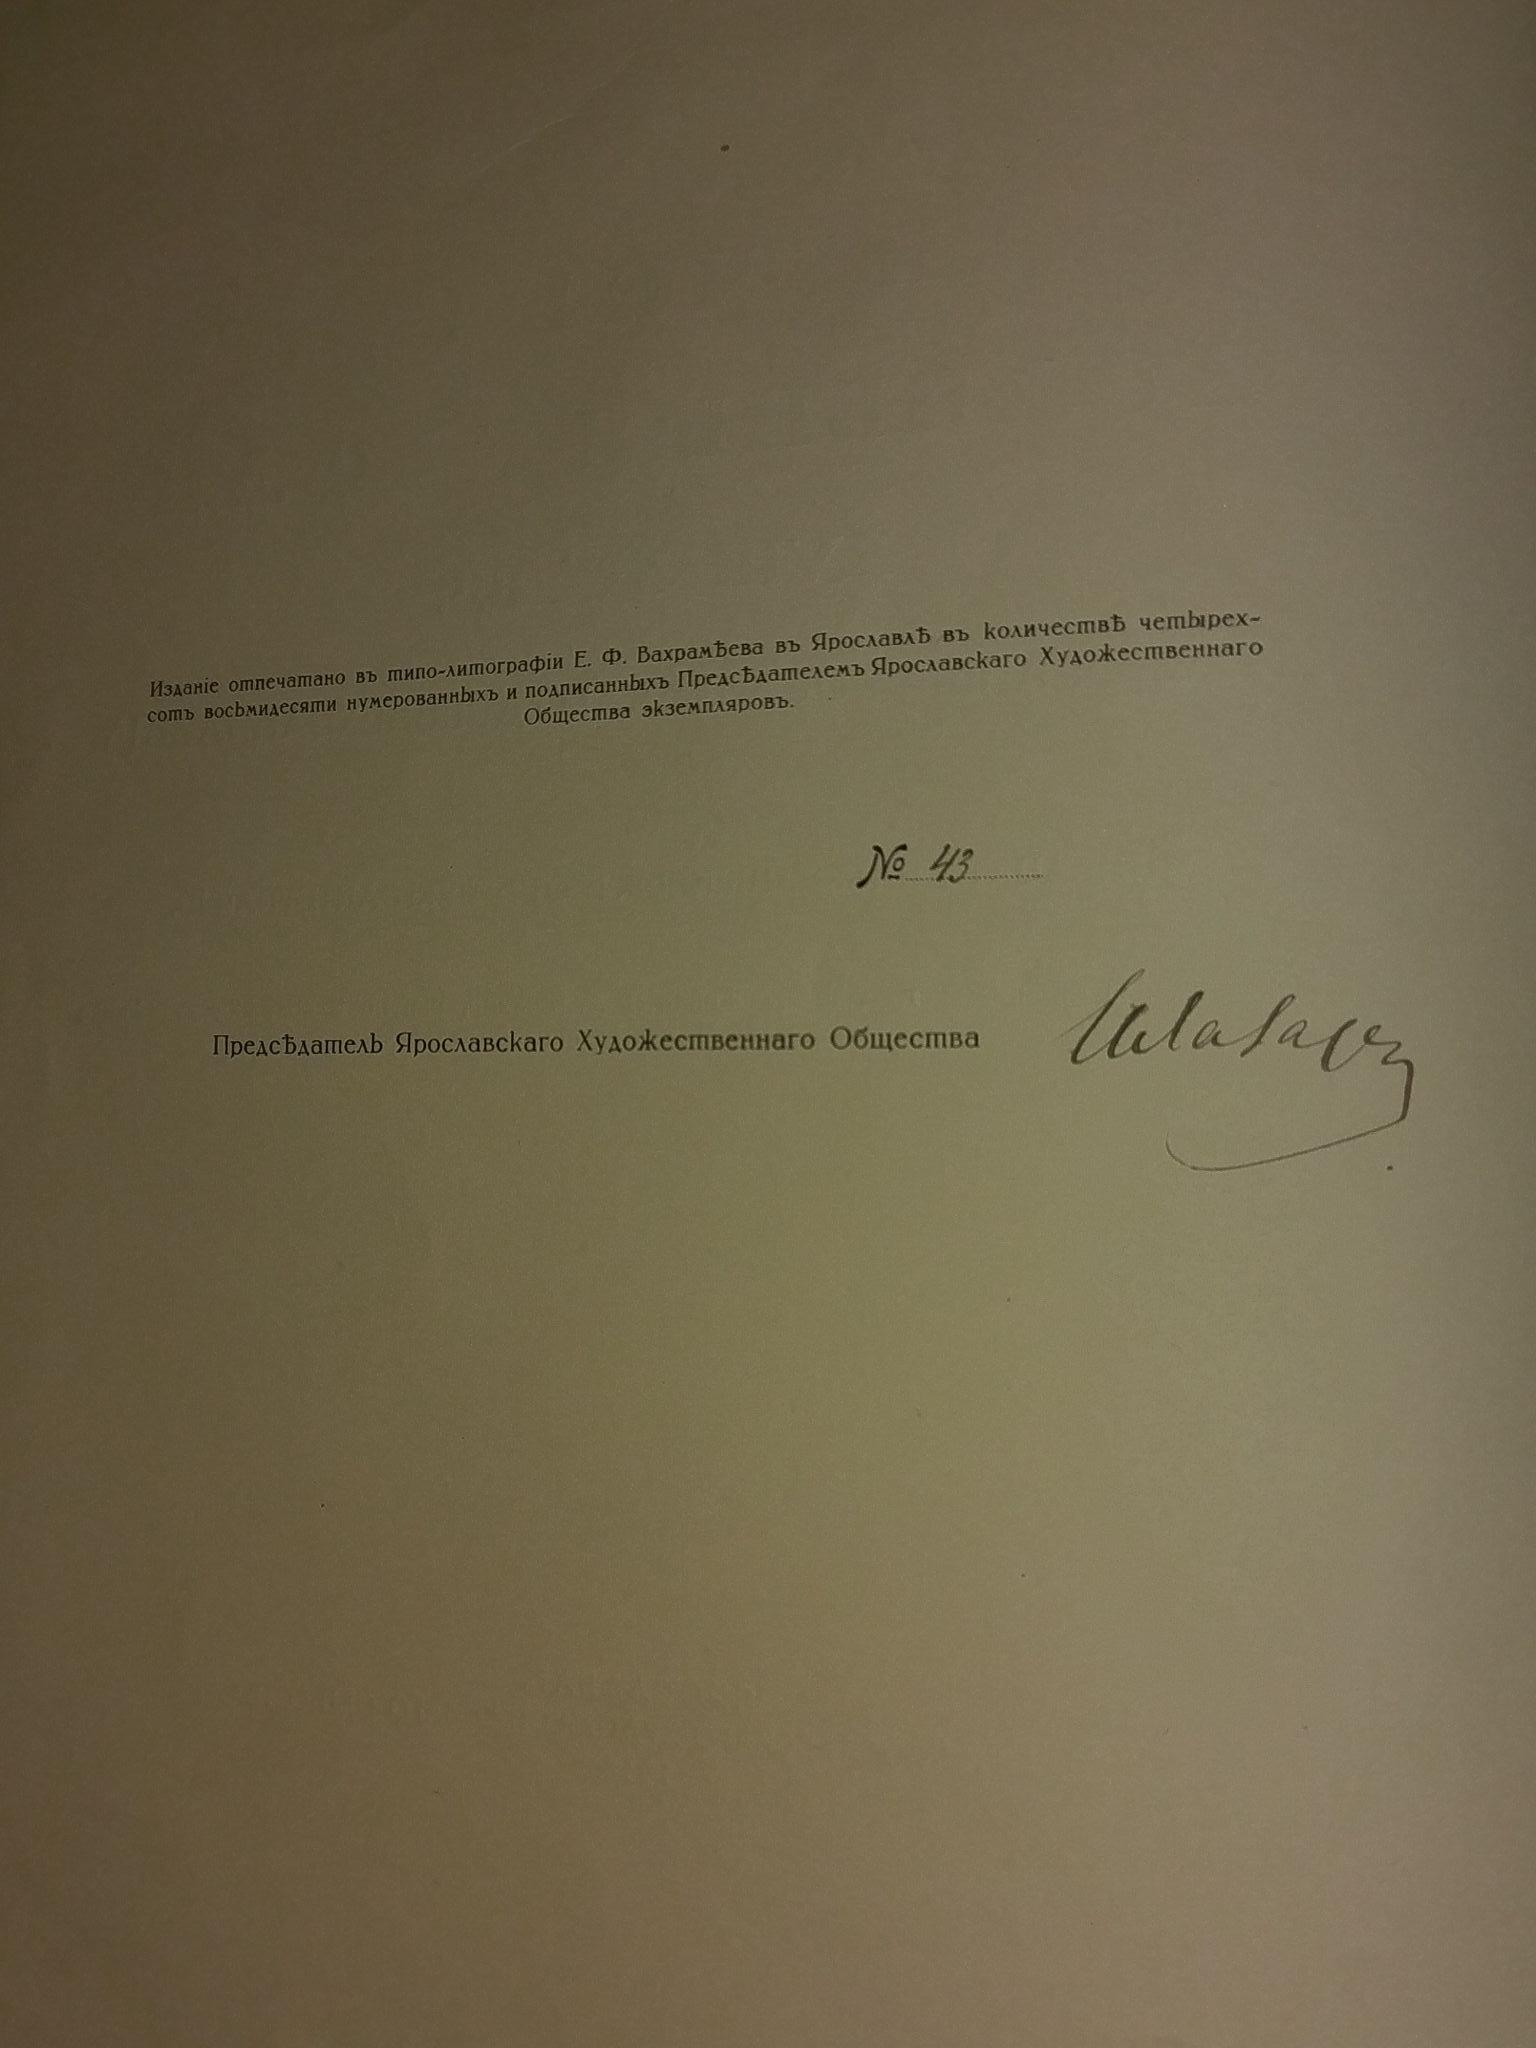 Ашукин, Н.С. Печные поливные кафли XVIII-XIX вв. из собрания Ярославского древнехранилища